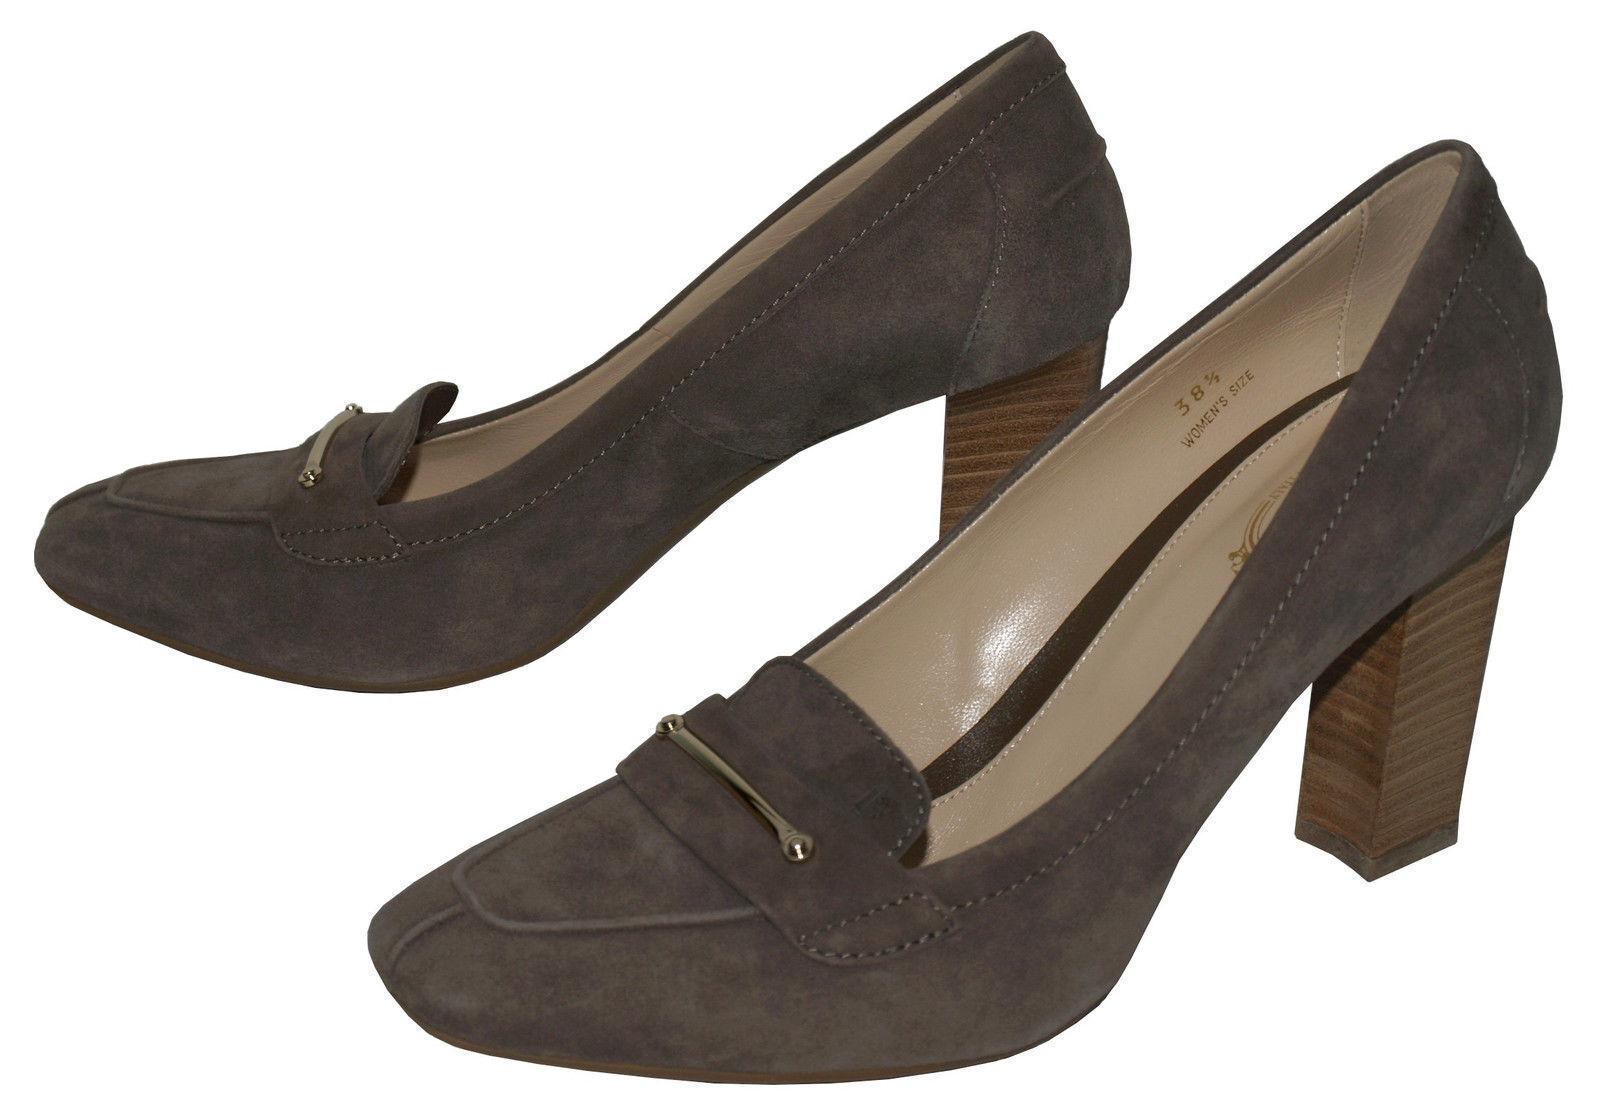 Tods Zapatos Zapatos Zapatos de salón Zapatos de mujer  Envío y cambio gratis.